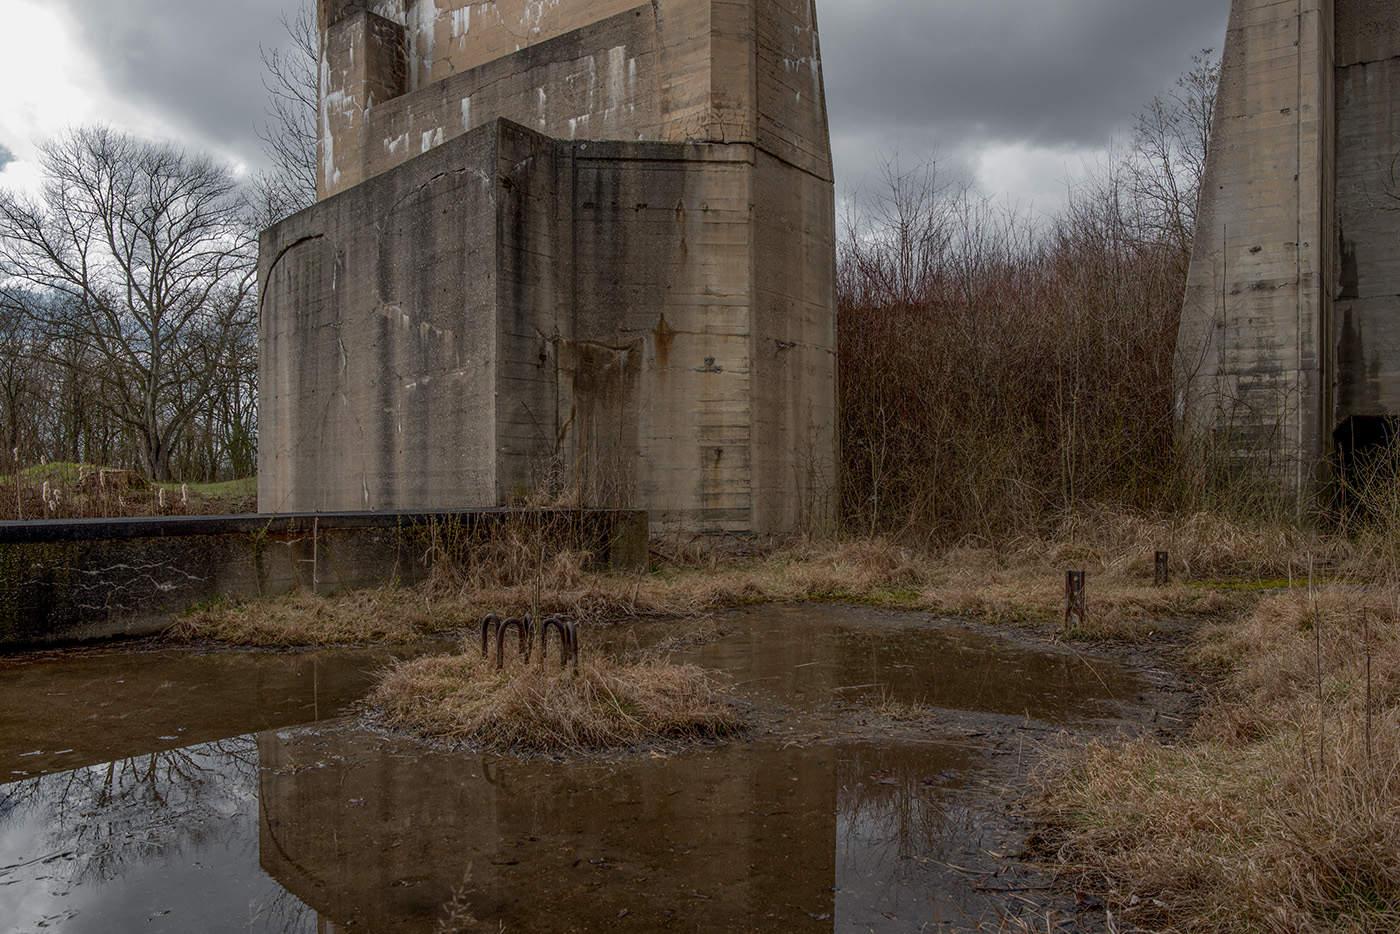 floodgate-wuesteneutzsch-2-image-by-markus-lehr